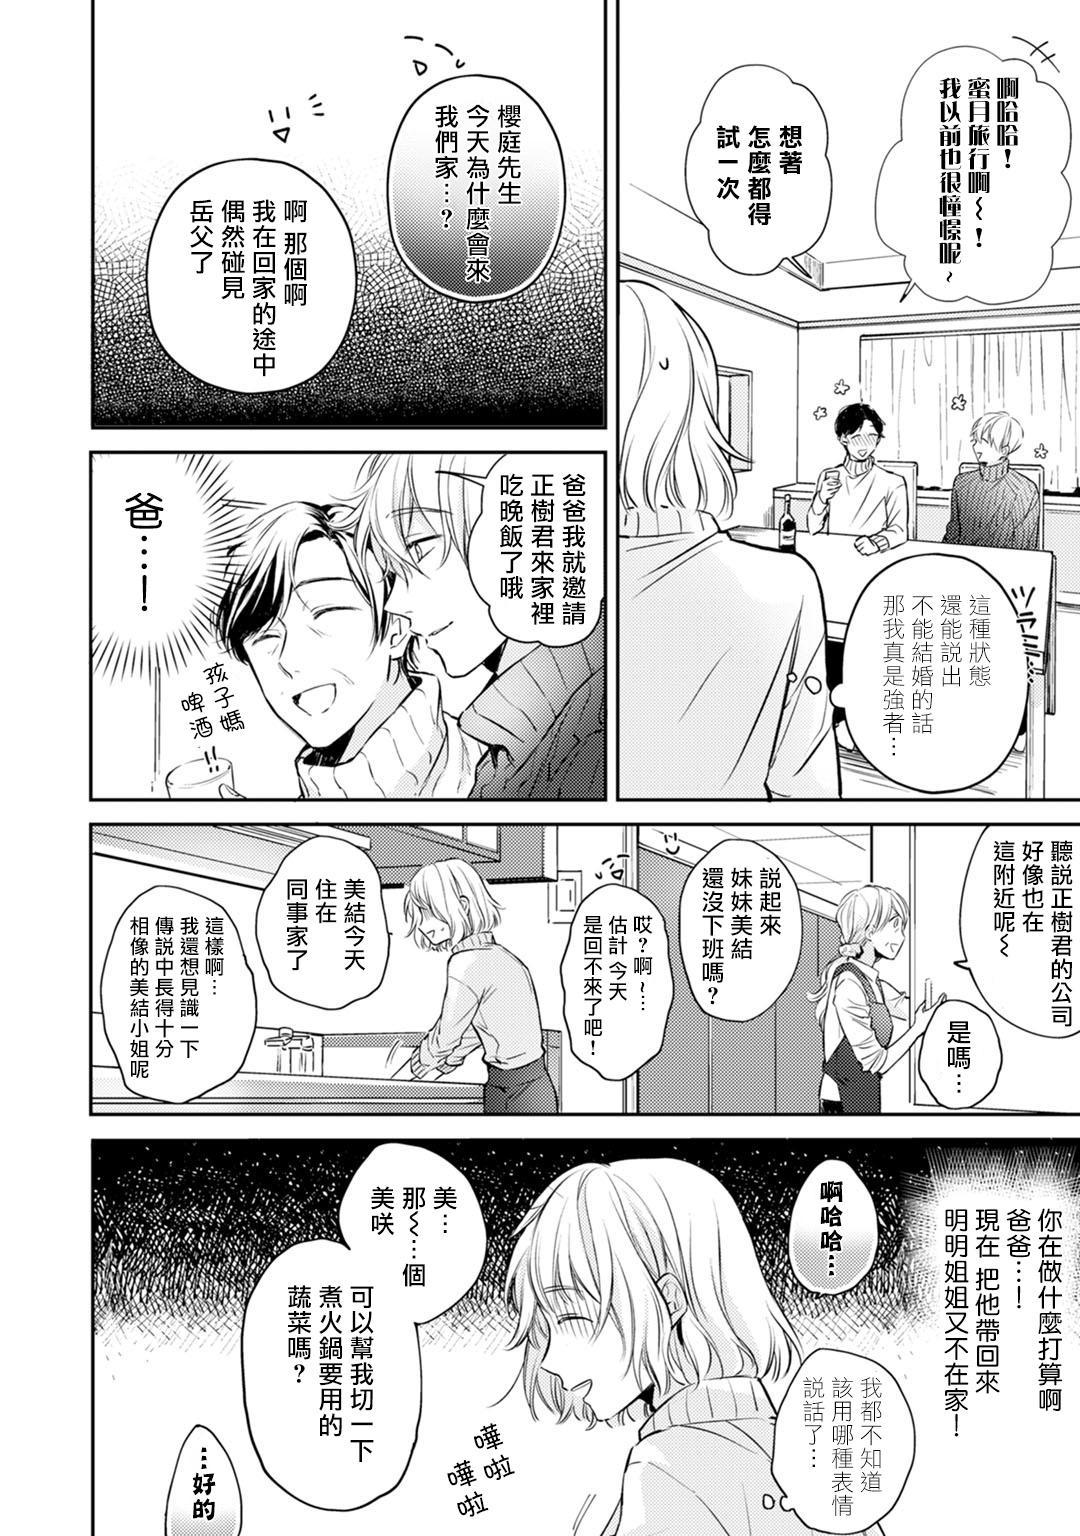 [Shichigatsu Motomi]  Sonna Kao shite, Sasotteru? ~Dekiai Shachou to Migawari Omiaikekkon!?~ 1-7 | 這種表情,在誘惑我嗎?~溺愛社長和替身相親結婚!? act.1 [Chinese] [拾荒者汉化组] 34